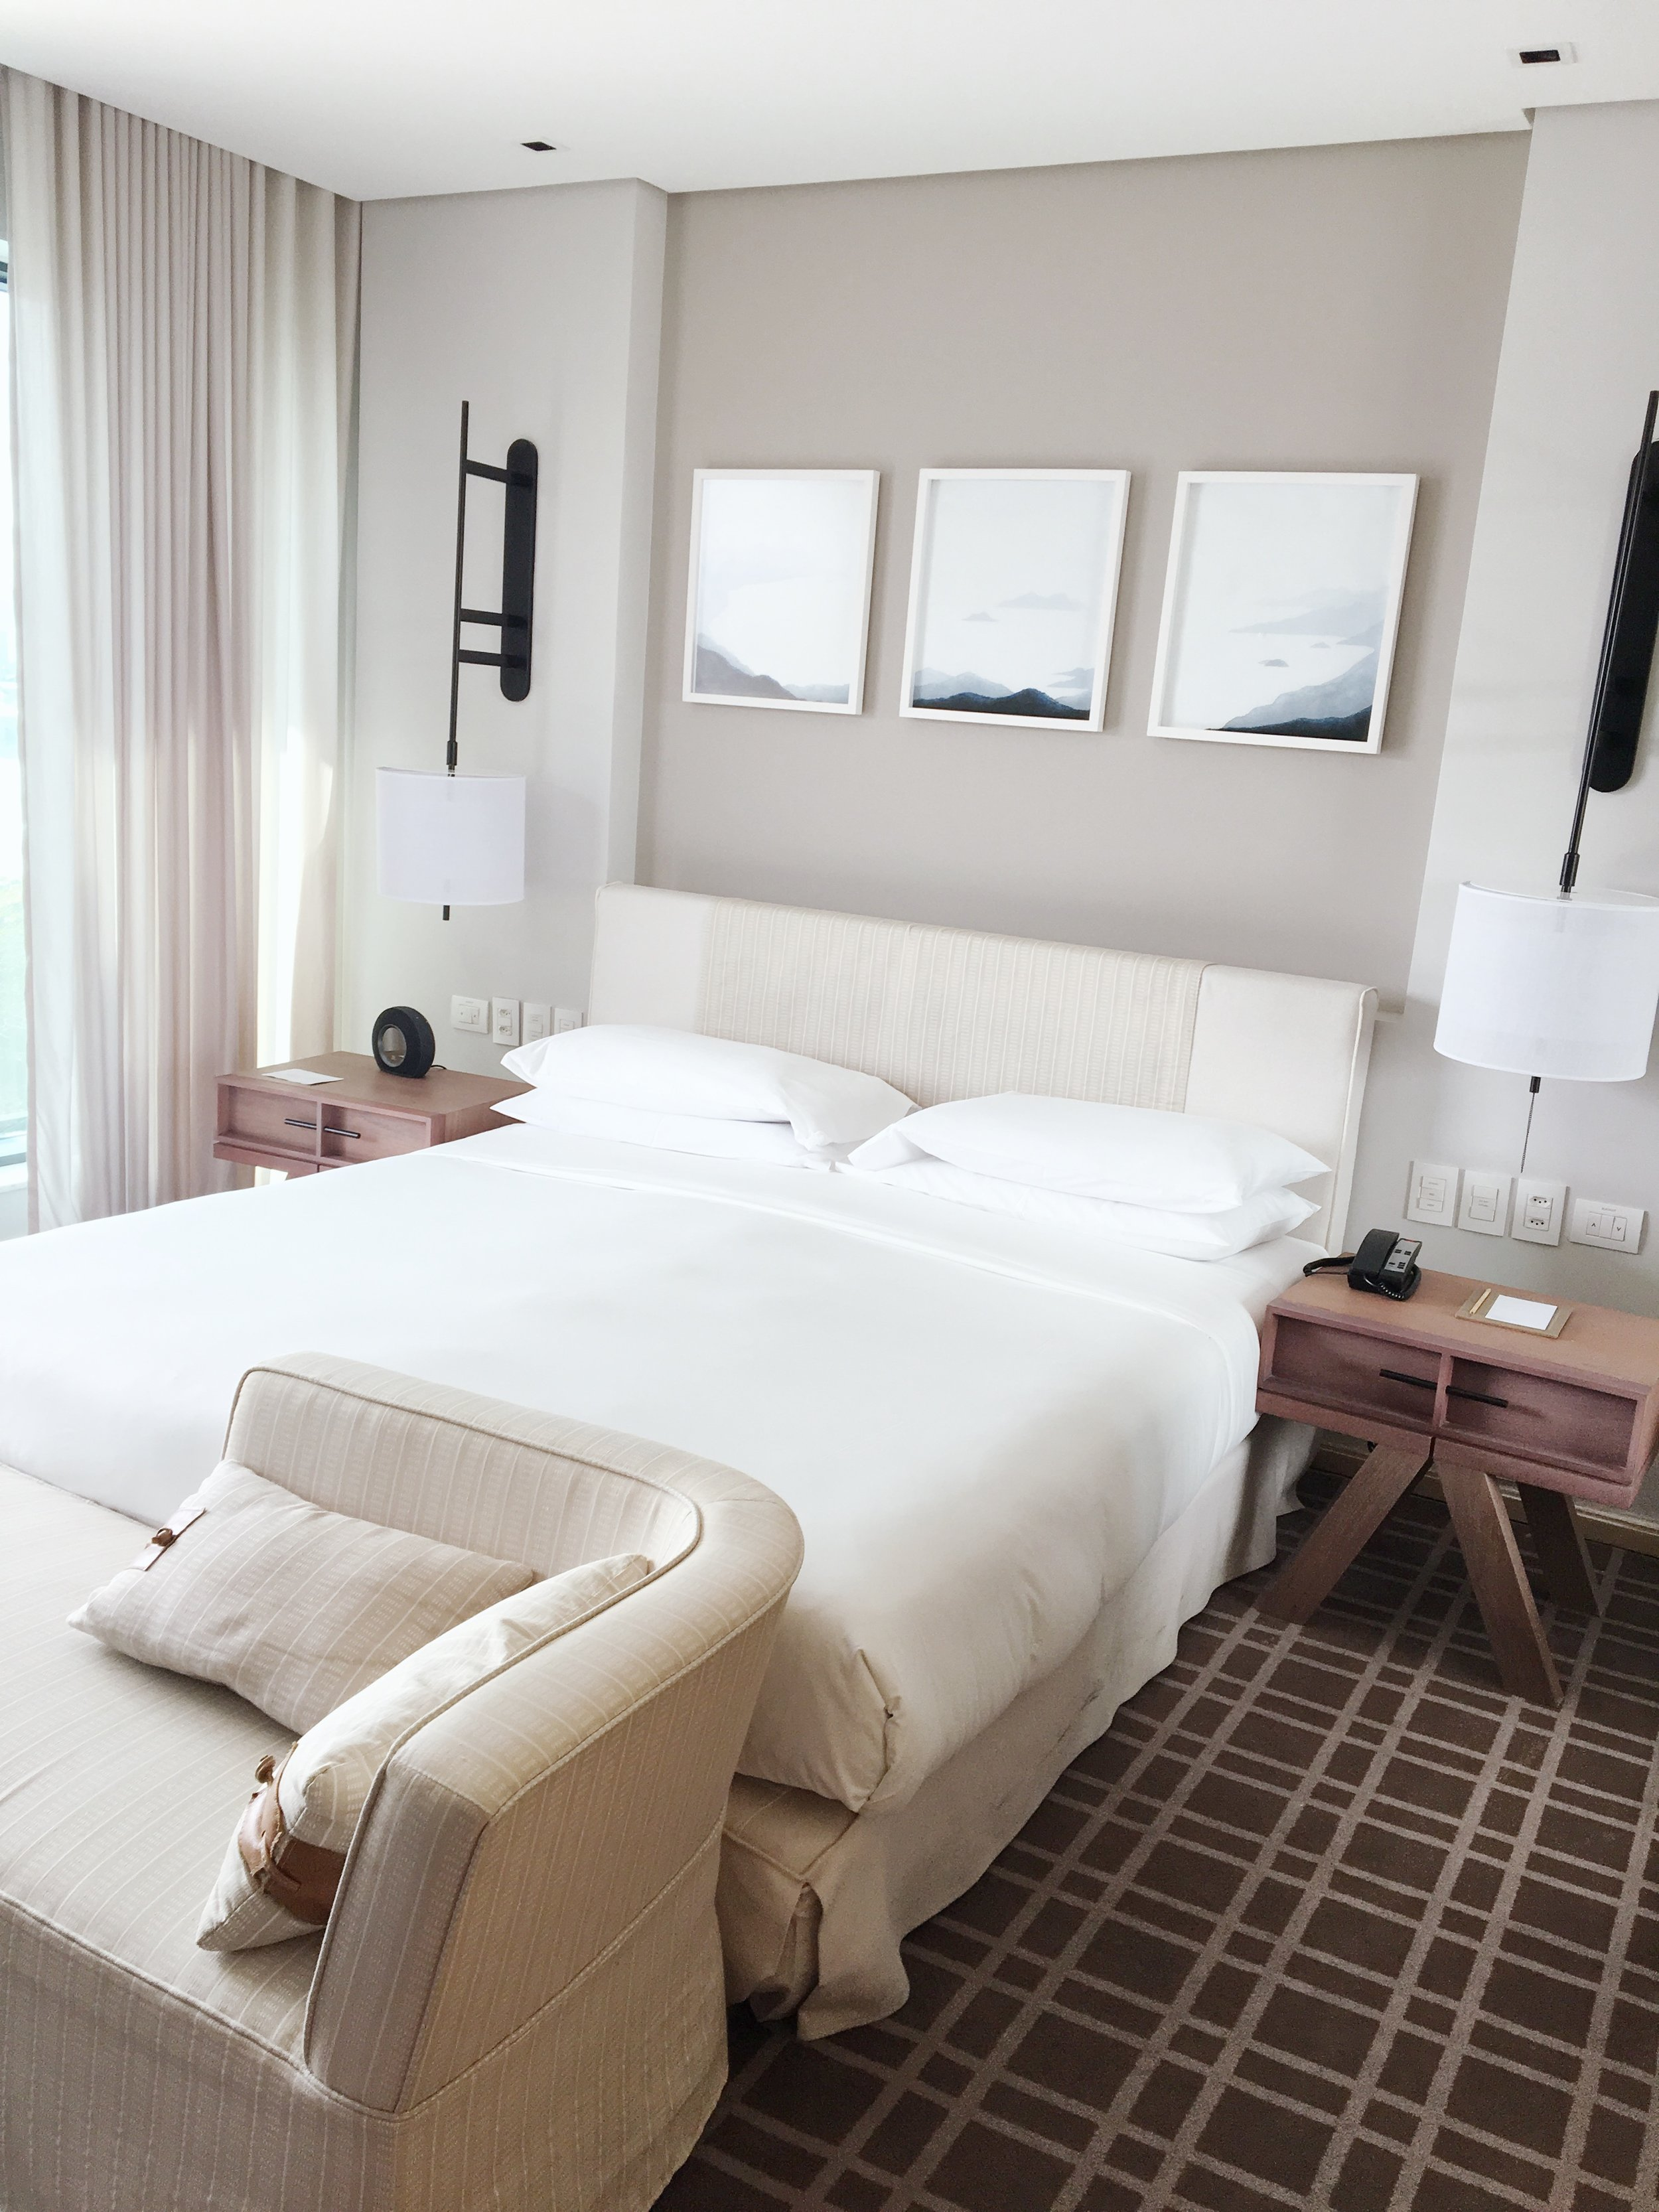 Grand Hyatt Rio room